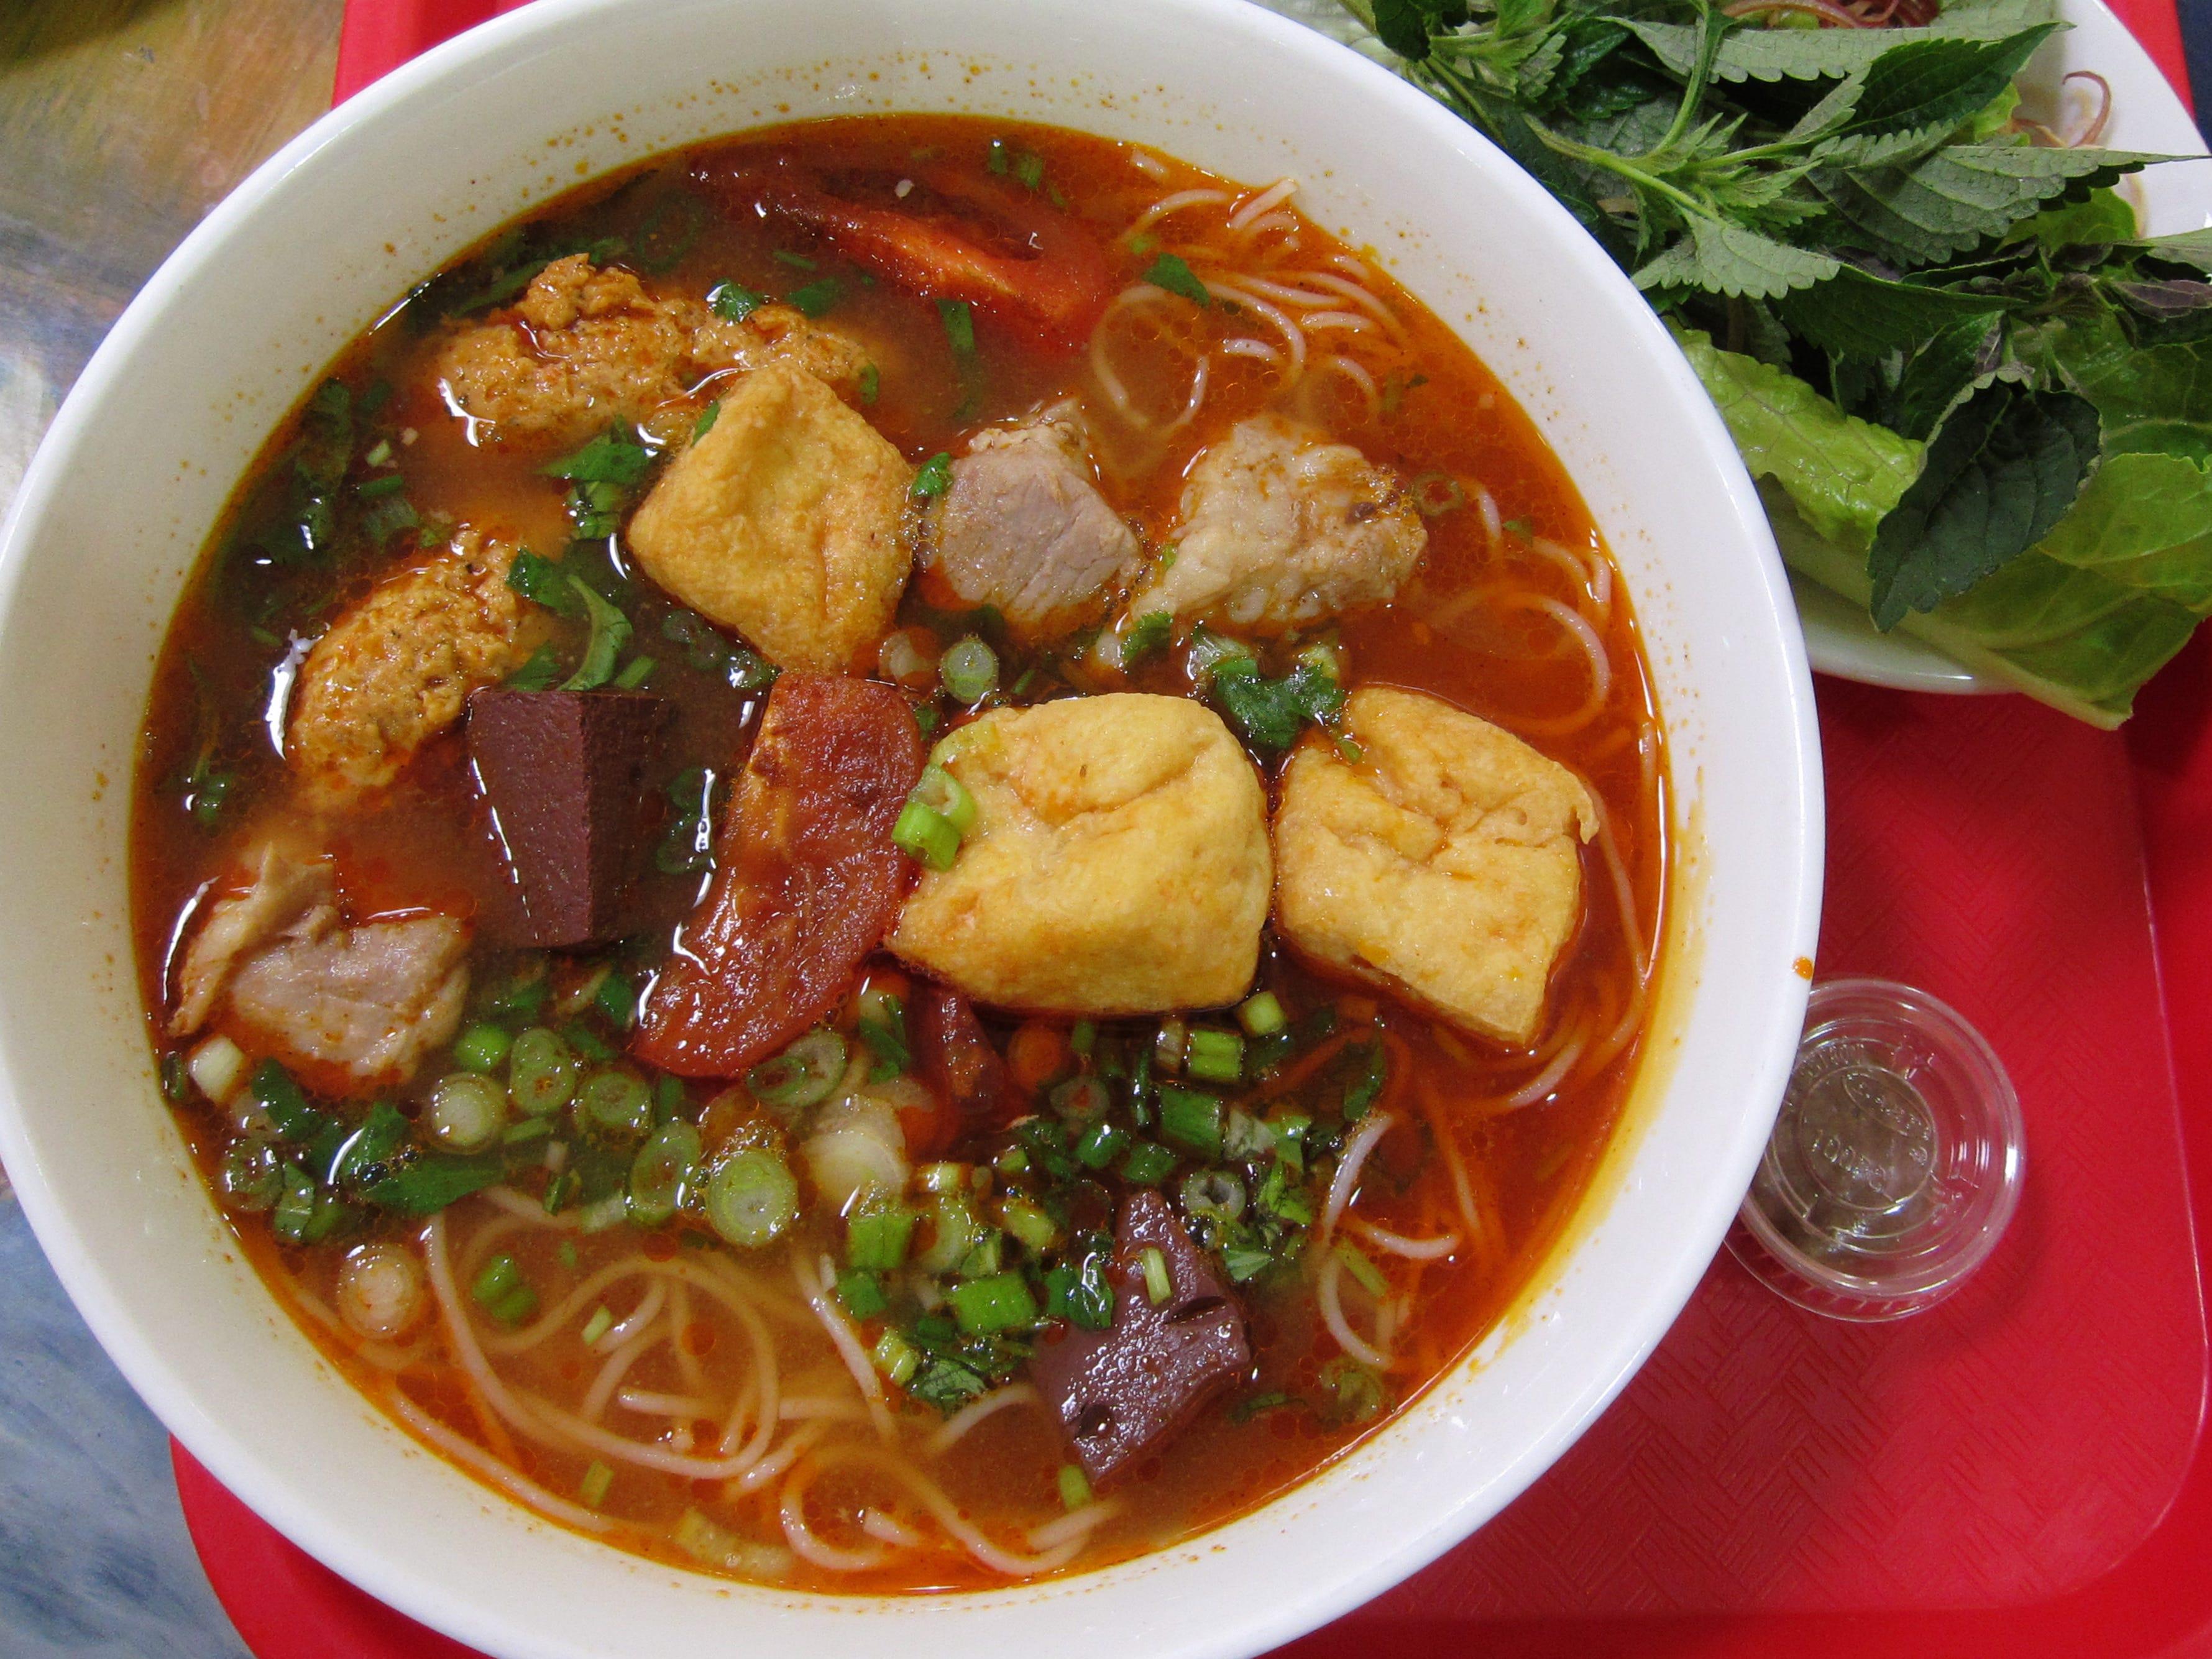 Bun rieu (crab noodle soup) at Hue Gourmet in Mesa, AZ.